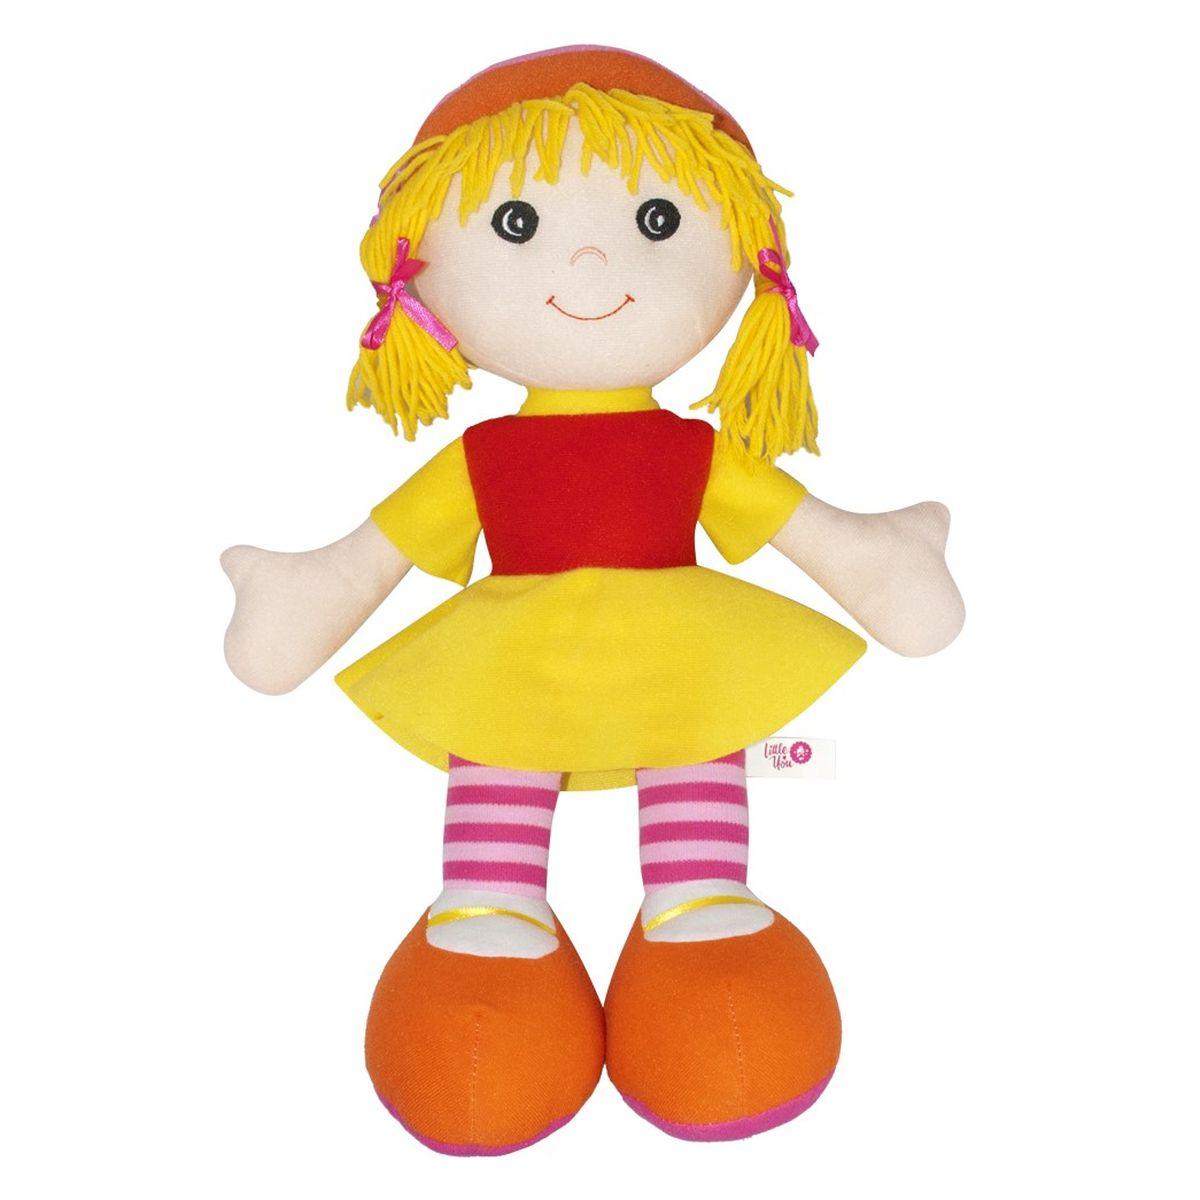 Little You Кукла ДжейнB25180LYПриятная на ощупь, симпатичная мягкая кукла. Яркая, жизнерадостная. Кукла подарит весёлое настроение и станет для ребёнка надёжным другом.